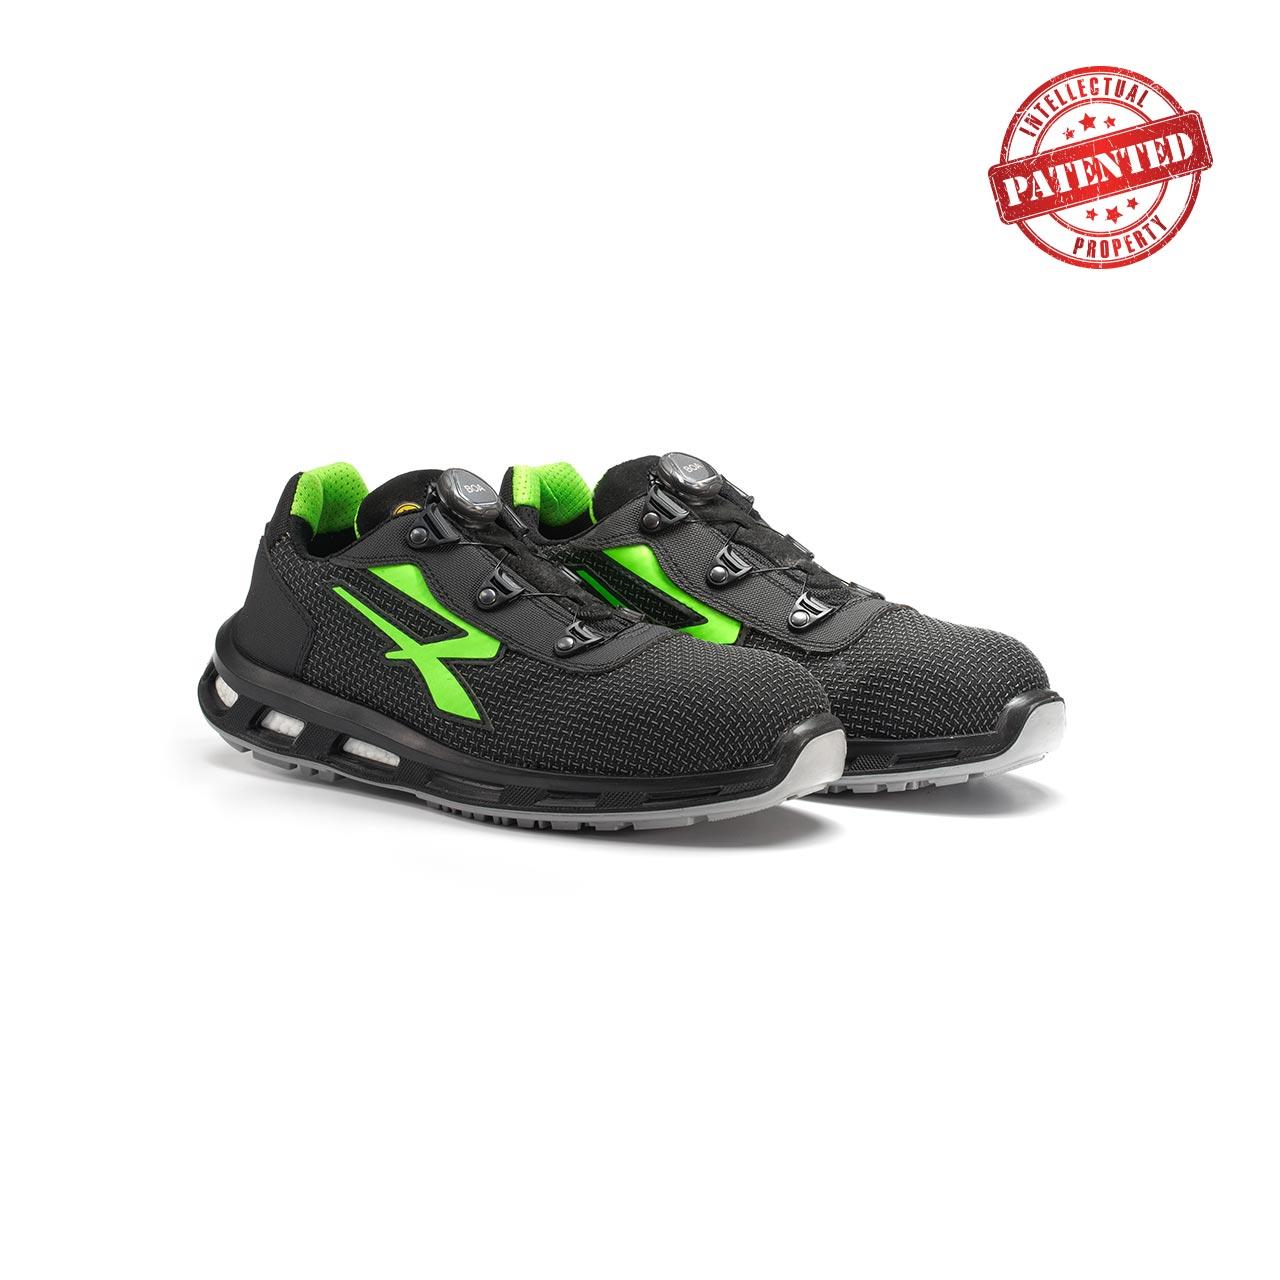 paio di scarpe antinfortunistiche upower modello monster linea redlion vista prospettica